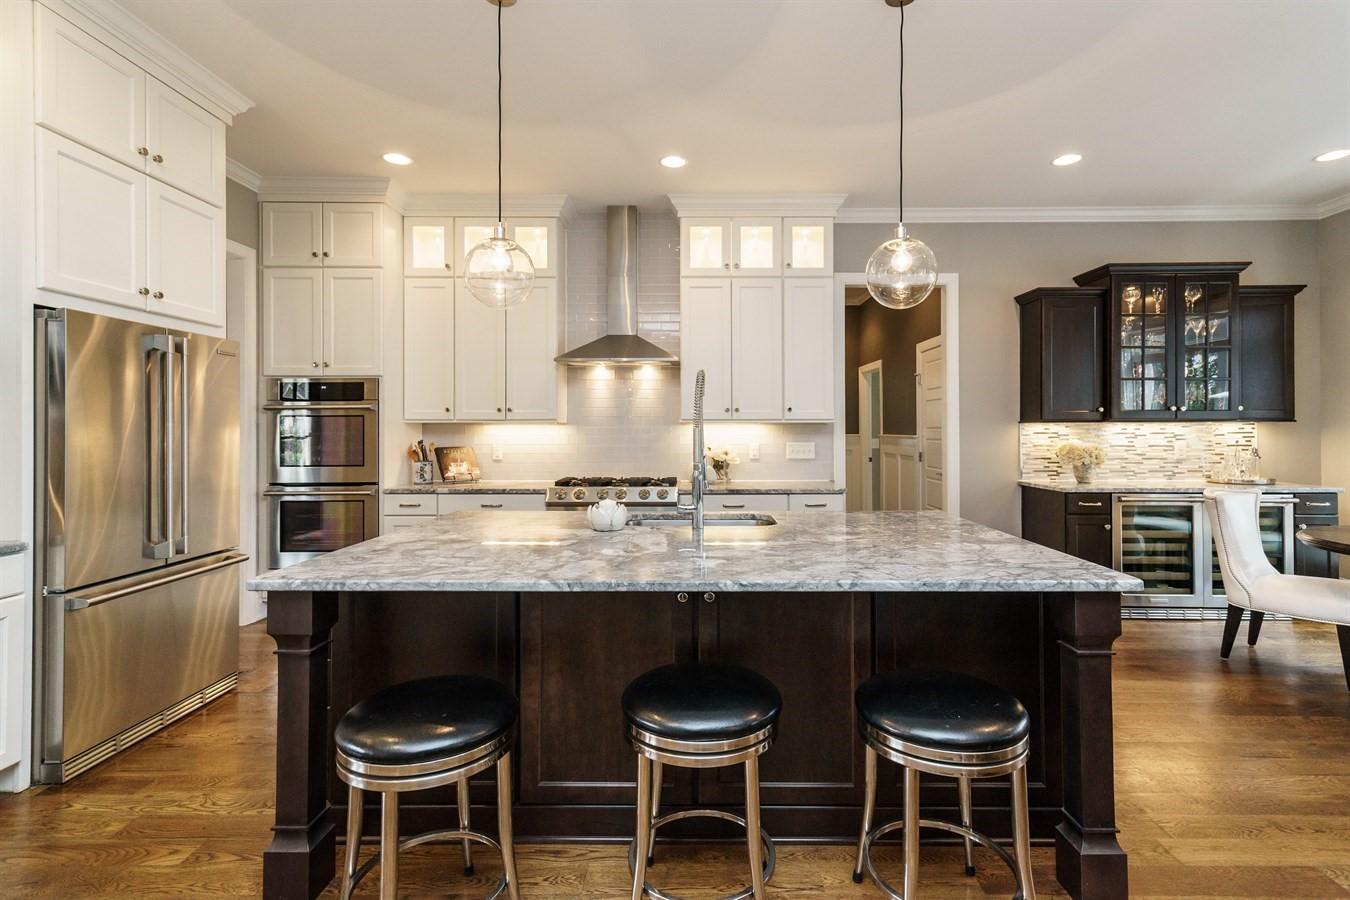 1150overlookridge_kitchen